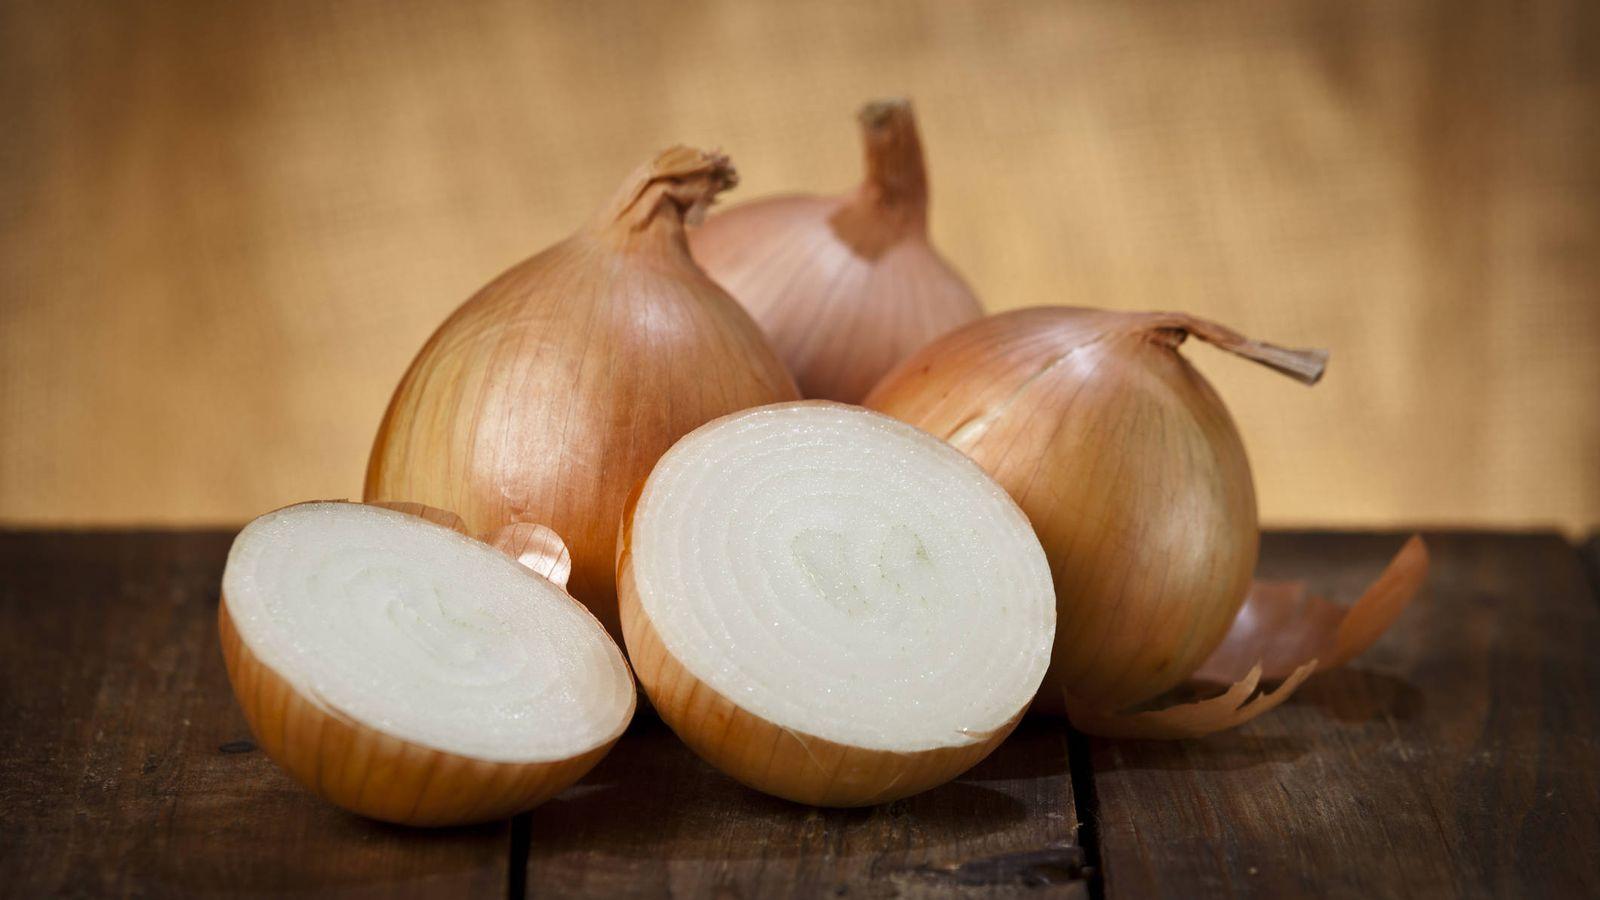 Hortalizas: Las cebollas son nutricionalmente imprescindibles. Cocínalas  bien